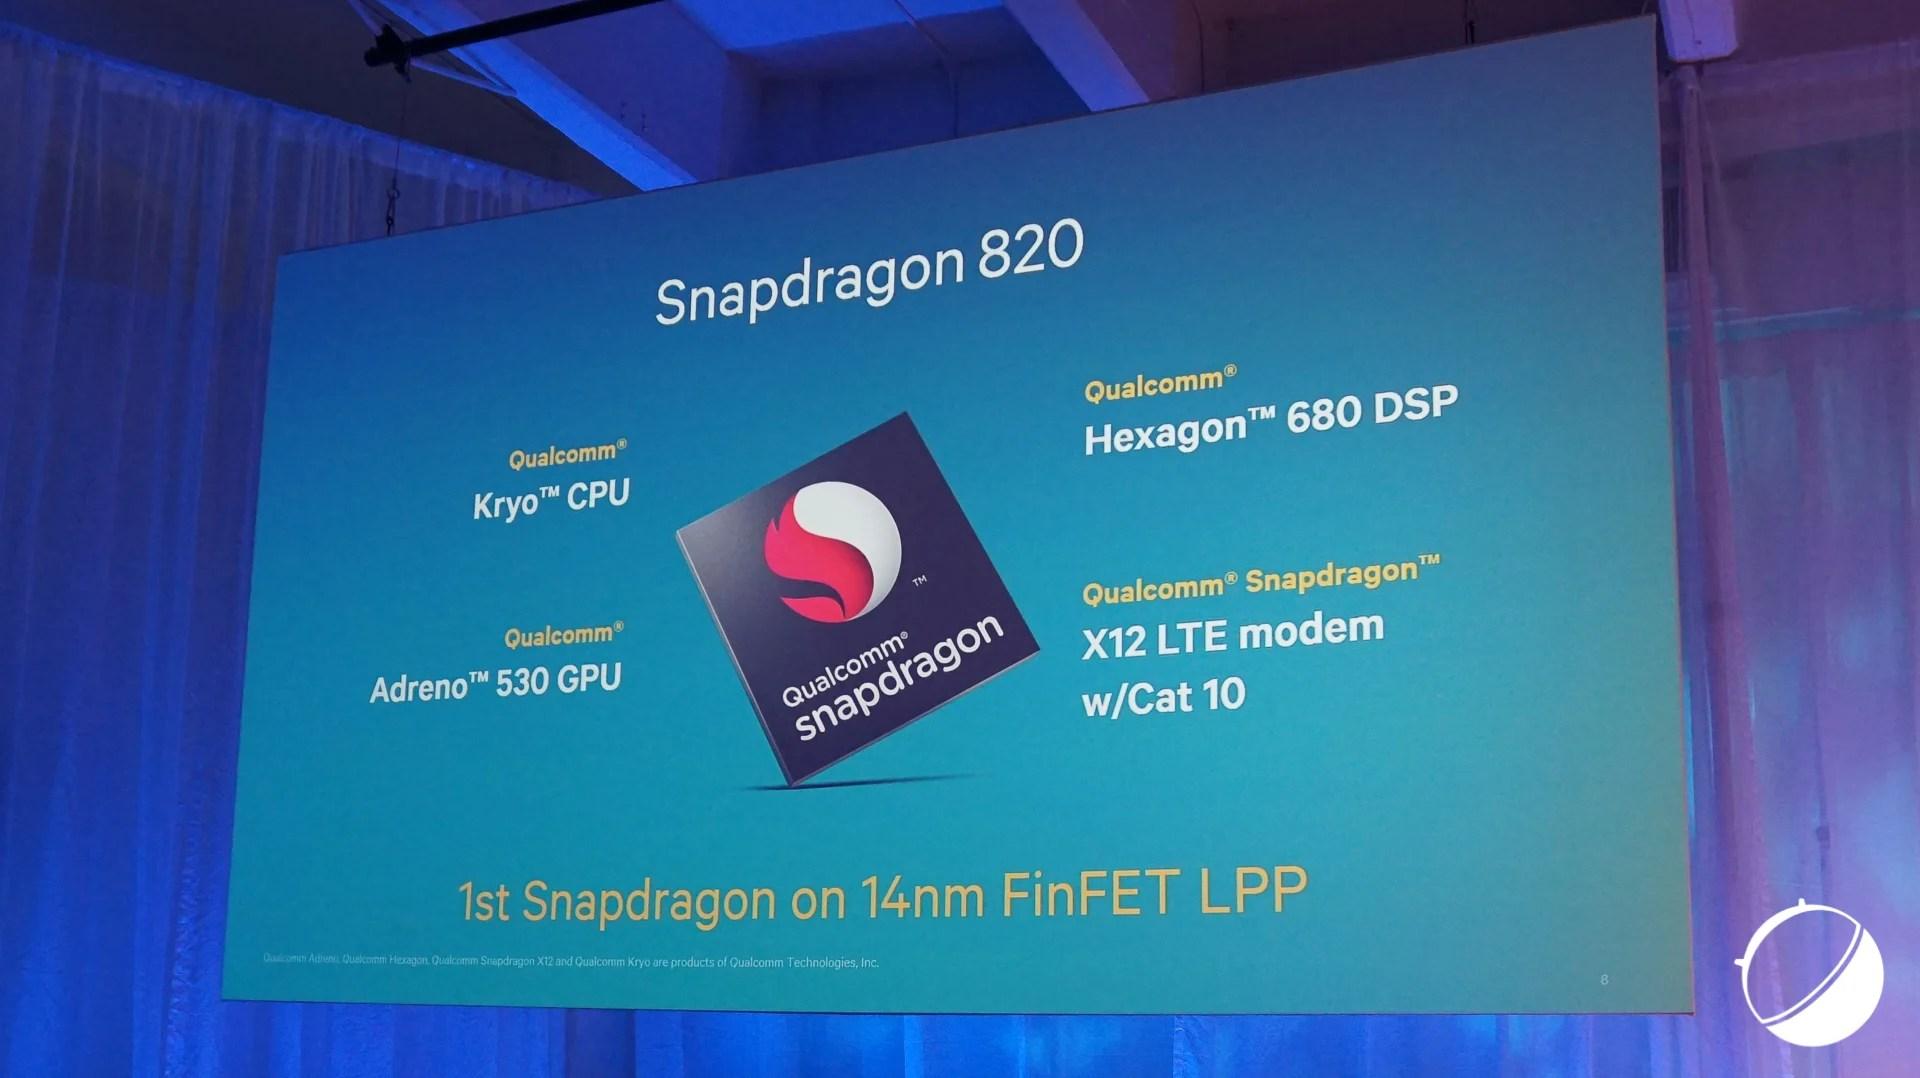 [MAJ] Snapdragon 820 : les tout derniers détails exposés par Qualcomm